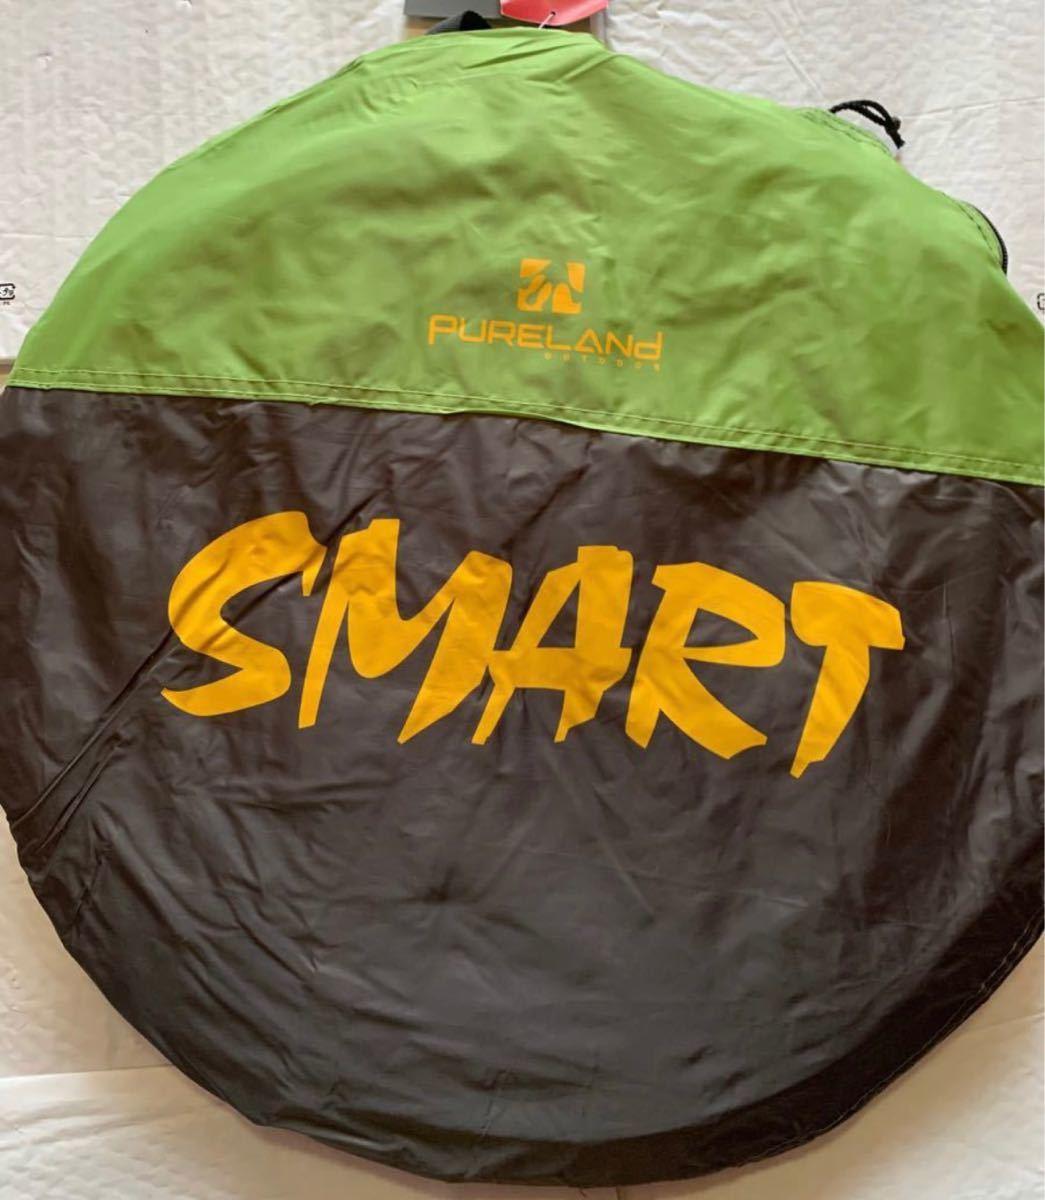 テント 2人用 アウトドア ソロ キャンプテント ワンタッチ 防風防水 ポップアップテント 設営簡単超軽量 防災用 収納袋付き